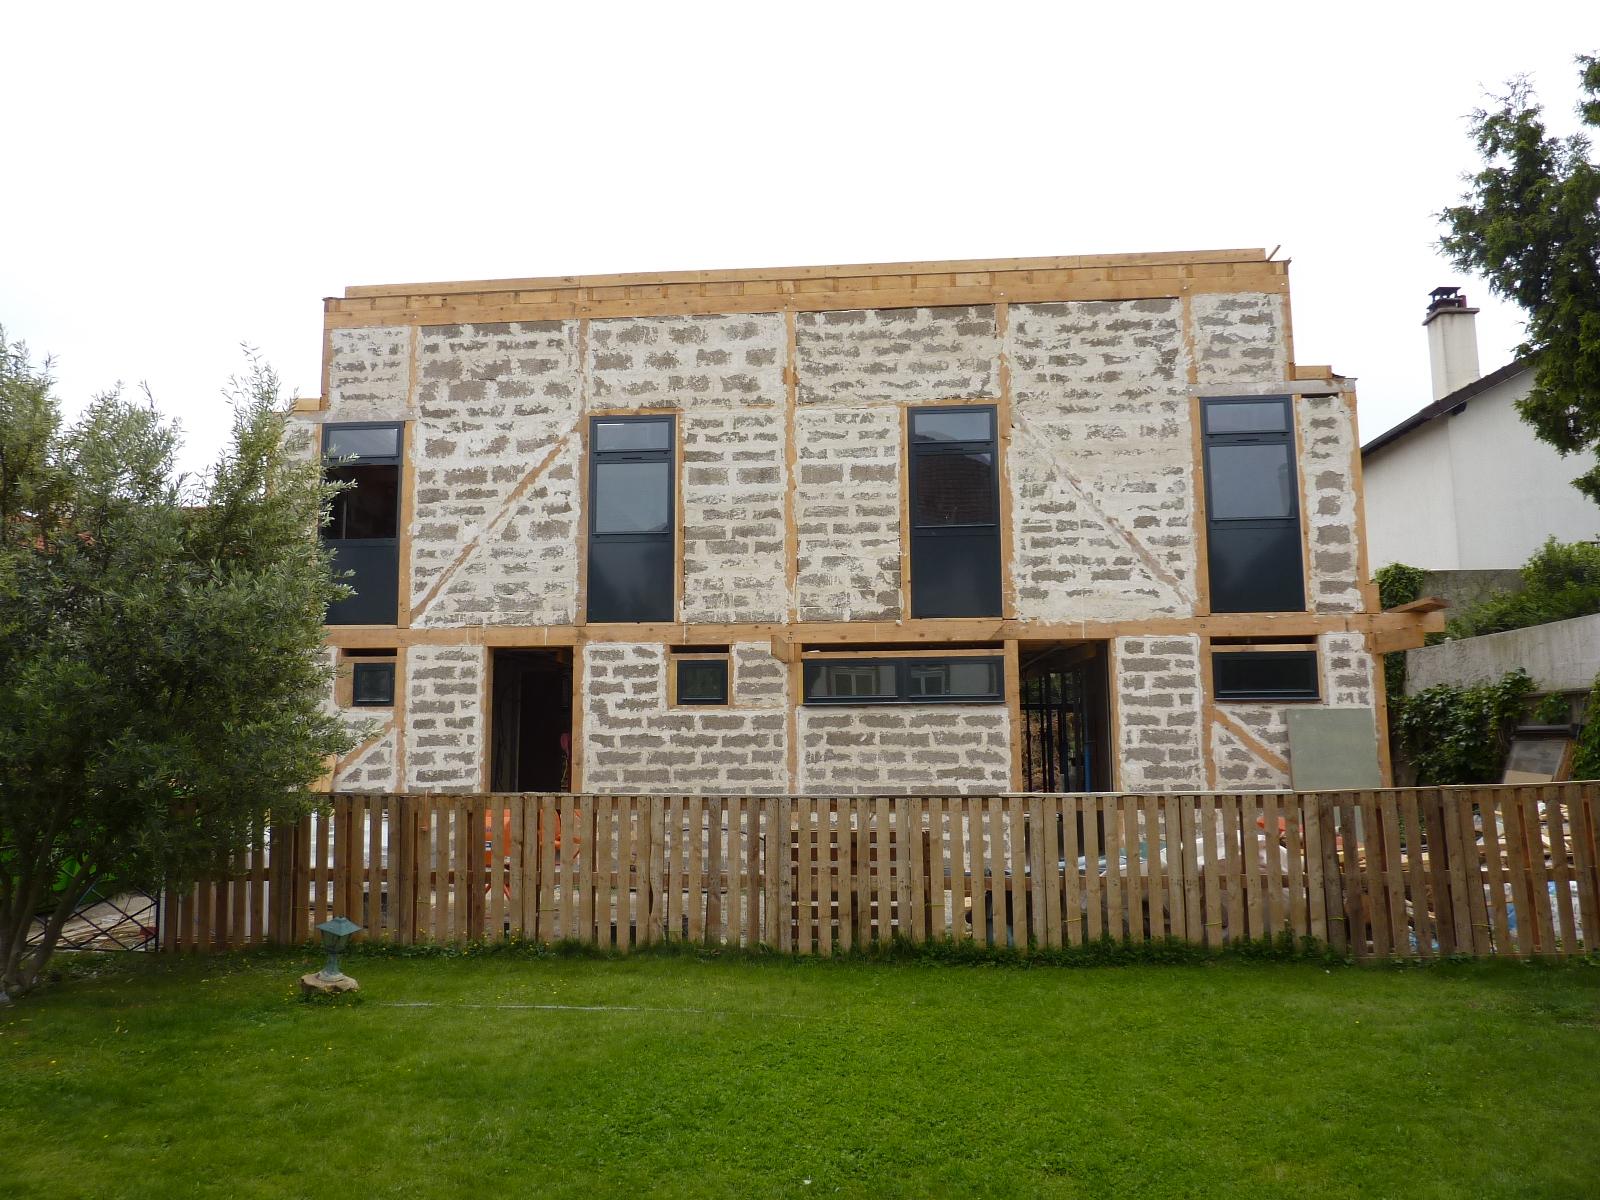 Suite chantier maison bois bioclimatique architecte for Chantier architecte